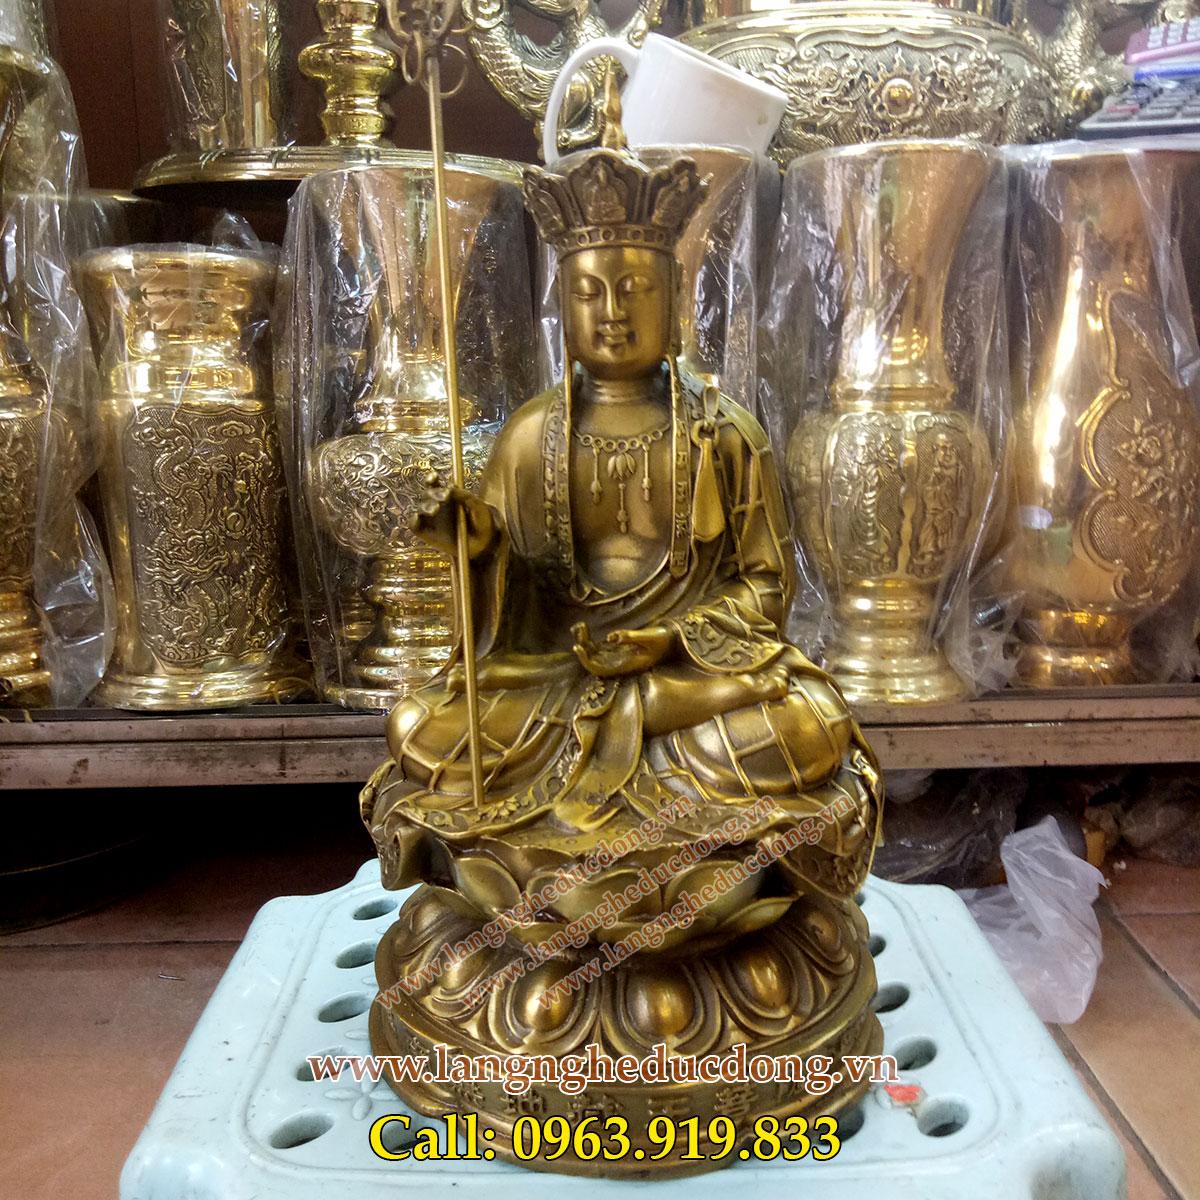 langngheducdong.vn - đúc tượng đồng, tượng phật, tượng thờ cúng, tượng phong thủy, đồ đồng trang trí, nhận làm hàng đặt